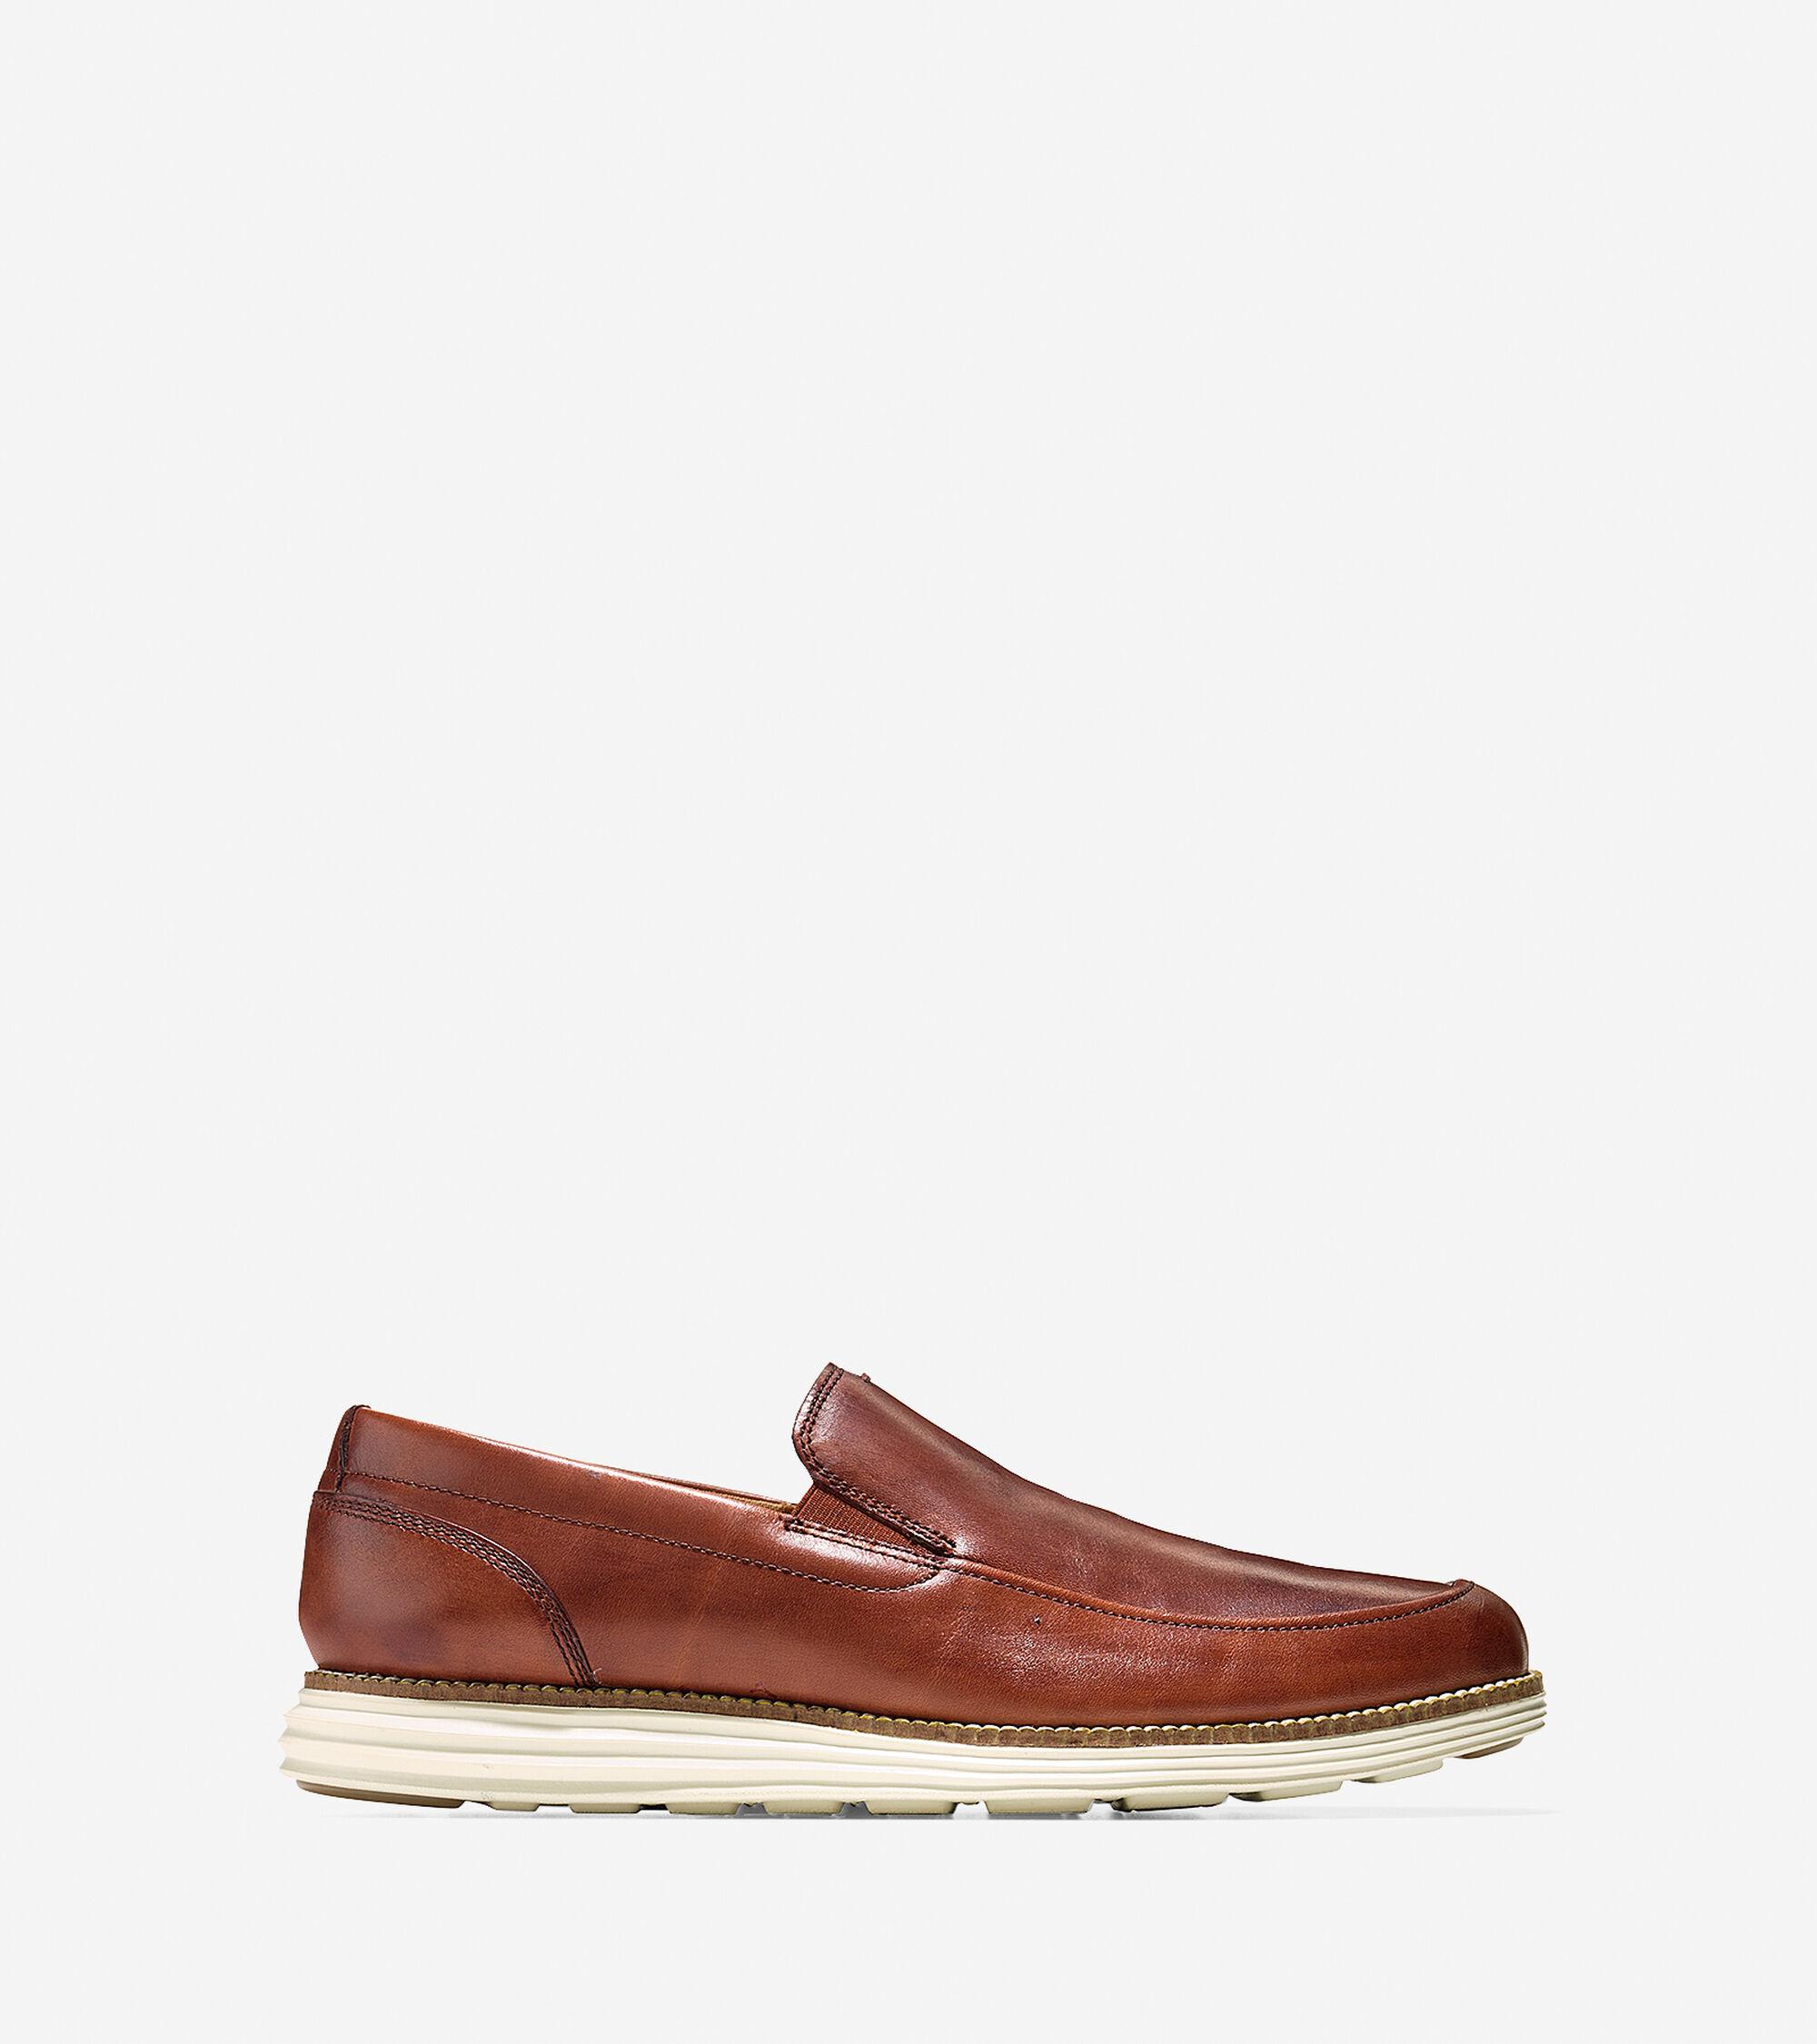 Cole Haan Original Grand Venetian Loafer